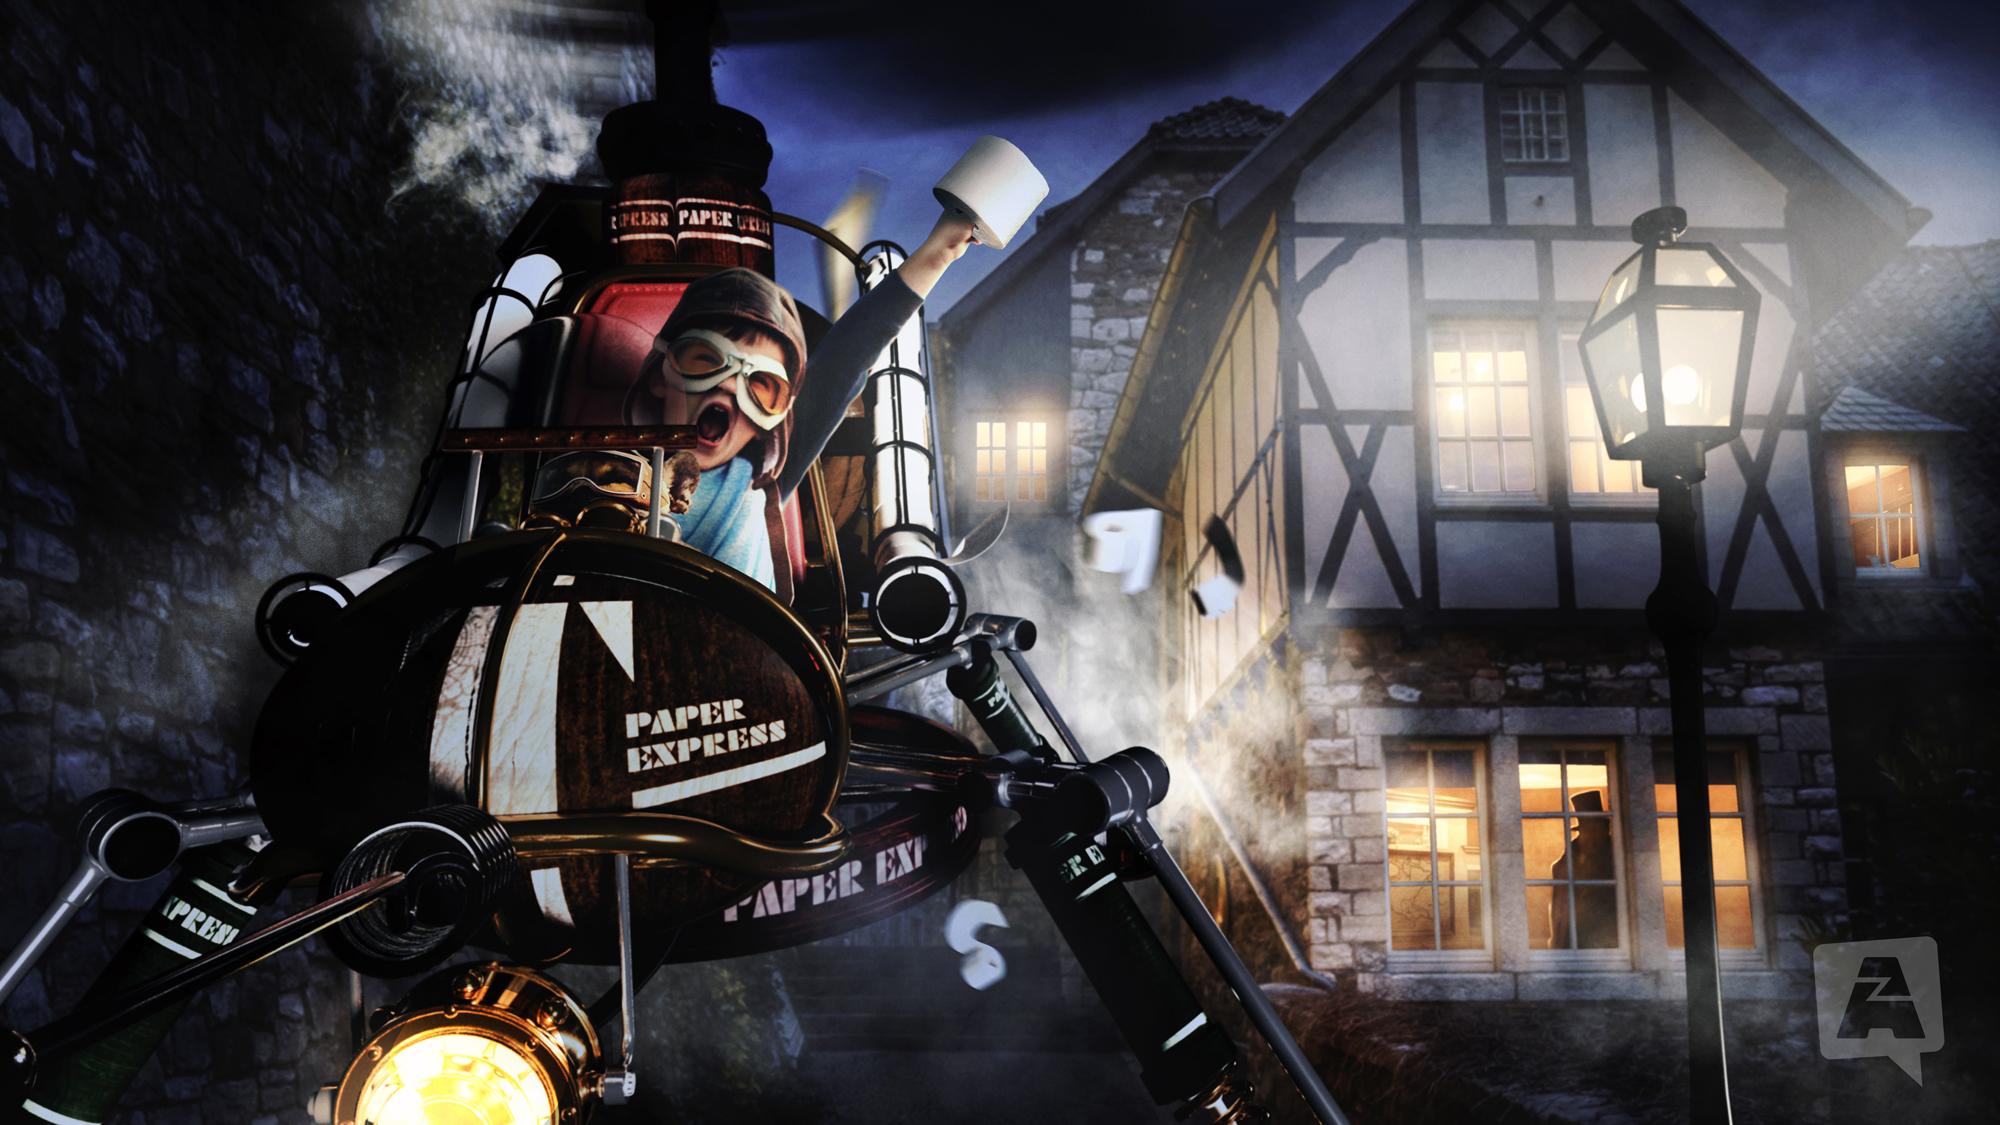 Steampunkflieger-fullresjpg-2000x1125px